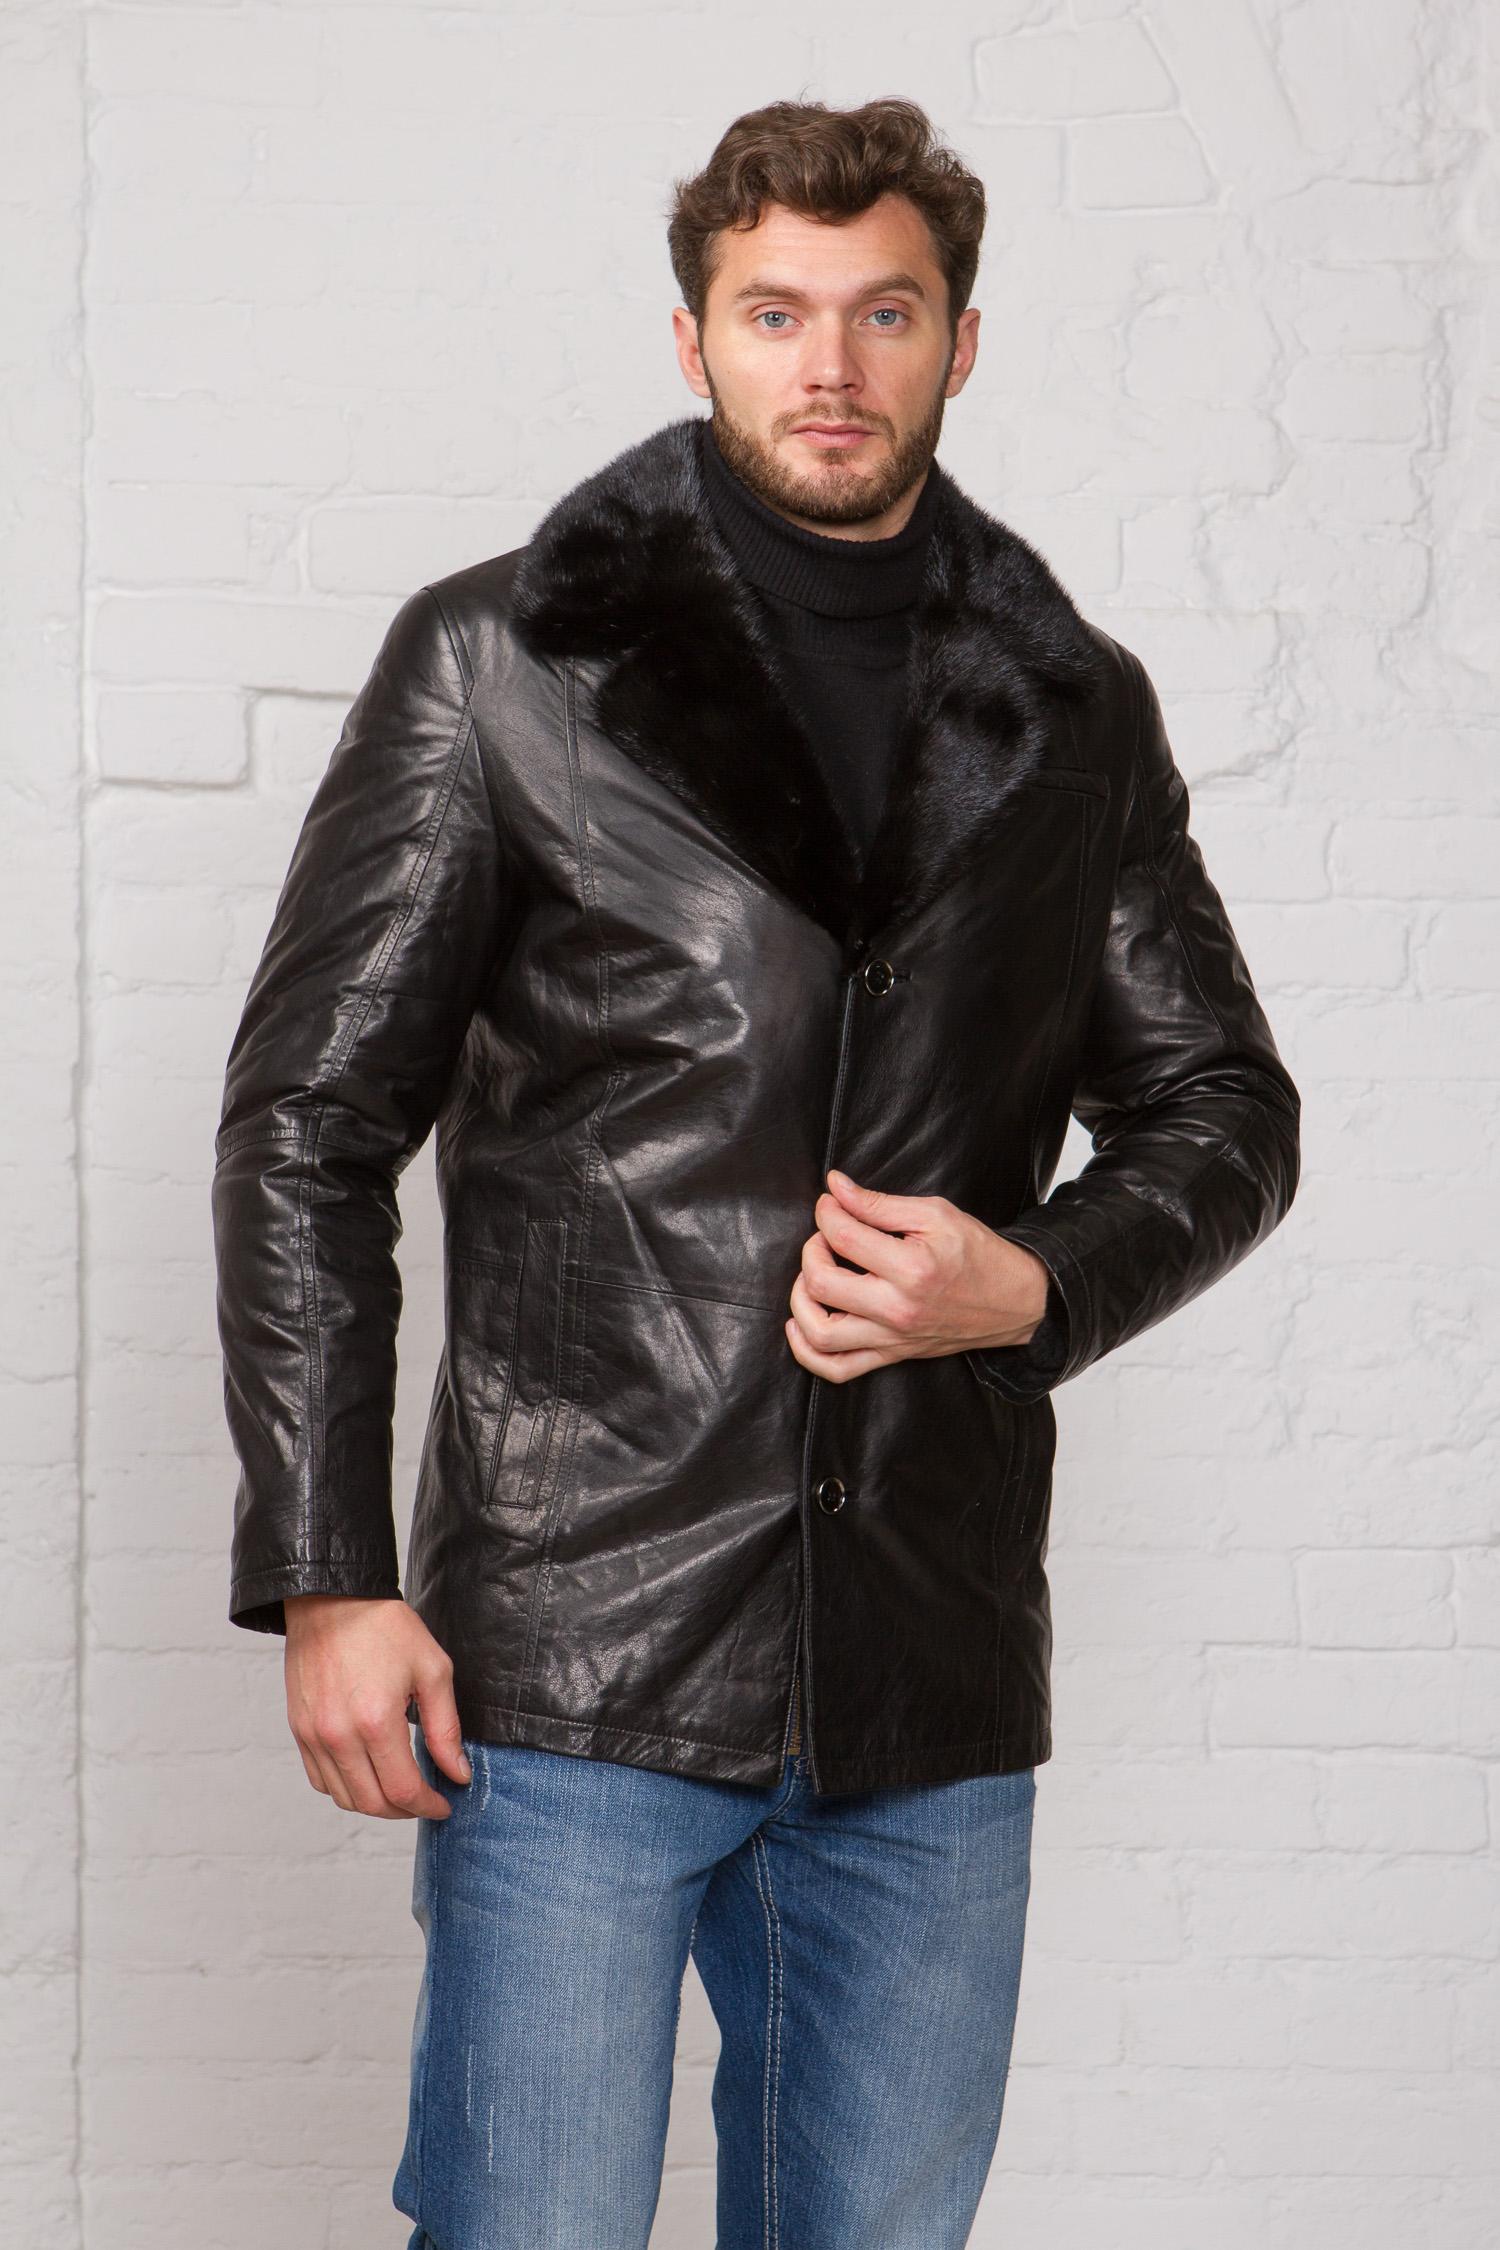 Мужская кожаная куртка из натуральной кожи на меху с воротником, отделка норка<br><br>Воротник: английский<br>Длина см: Короткая (51-74 )<br>Материал: Кожа овчина<br>Цвет: черный<br>Вид застежки: центральная<br>Застежка: на пуговицы<br>Пол: Мужской<br>Размер RU: 50